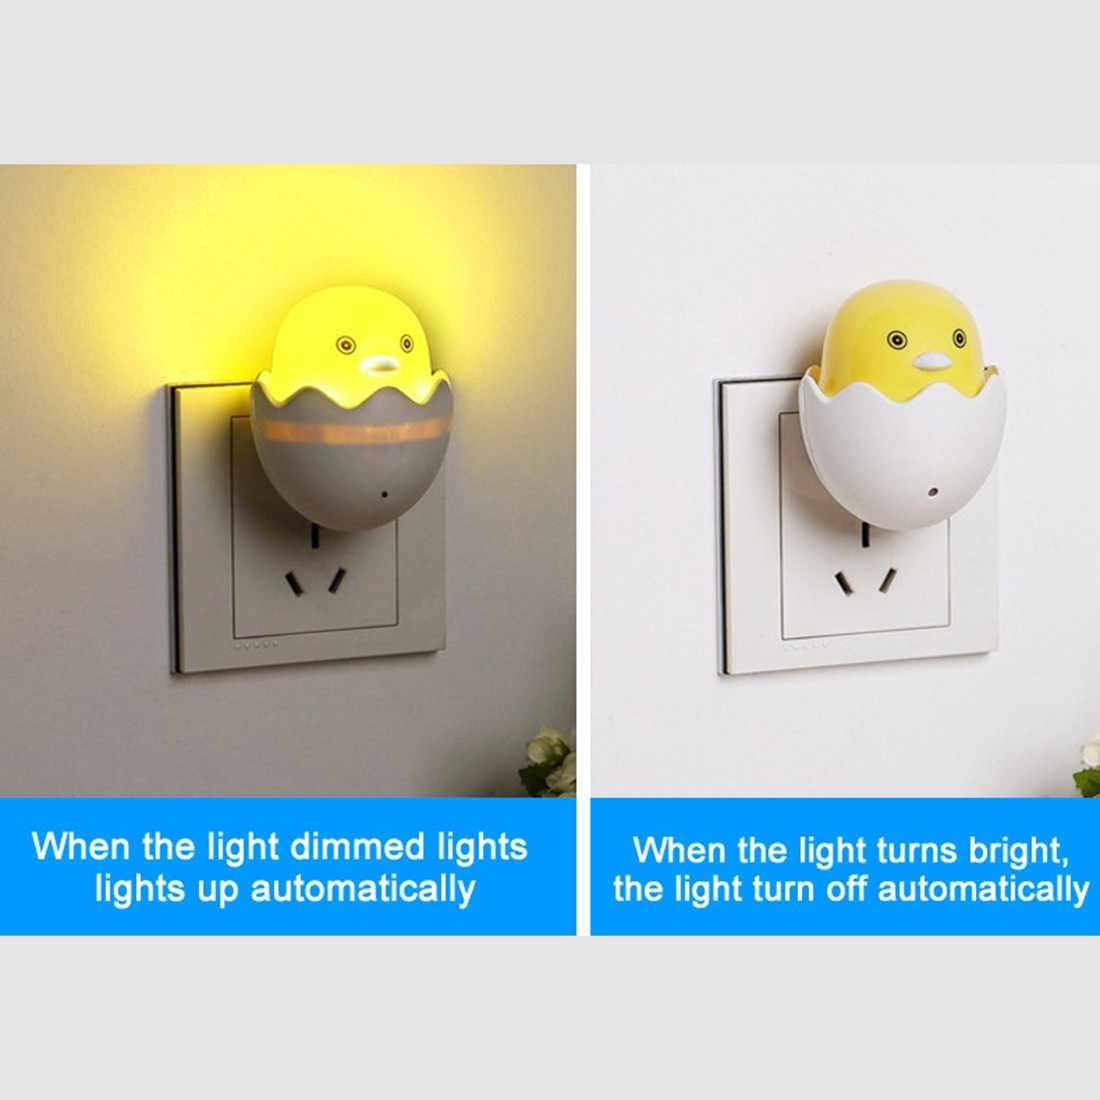 Симпатичная настенная розетка ЕС лампы светодиодный ночник AC 220 V датчик контроля освещенности желтая утка спальня лампа подарок для детей